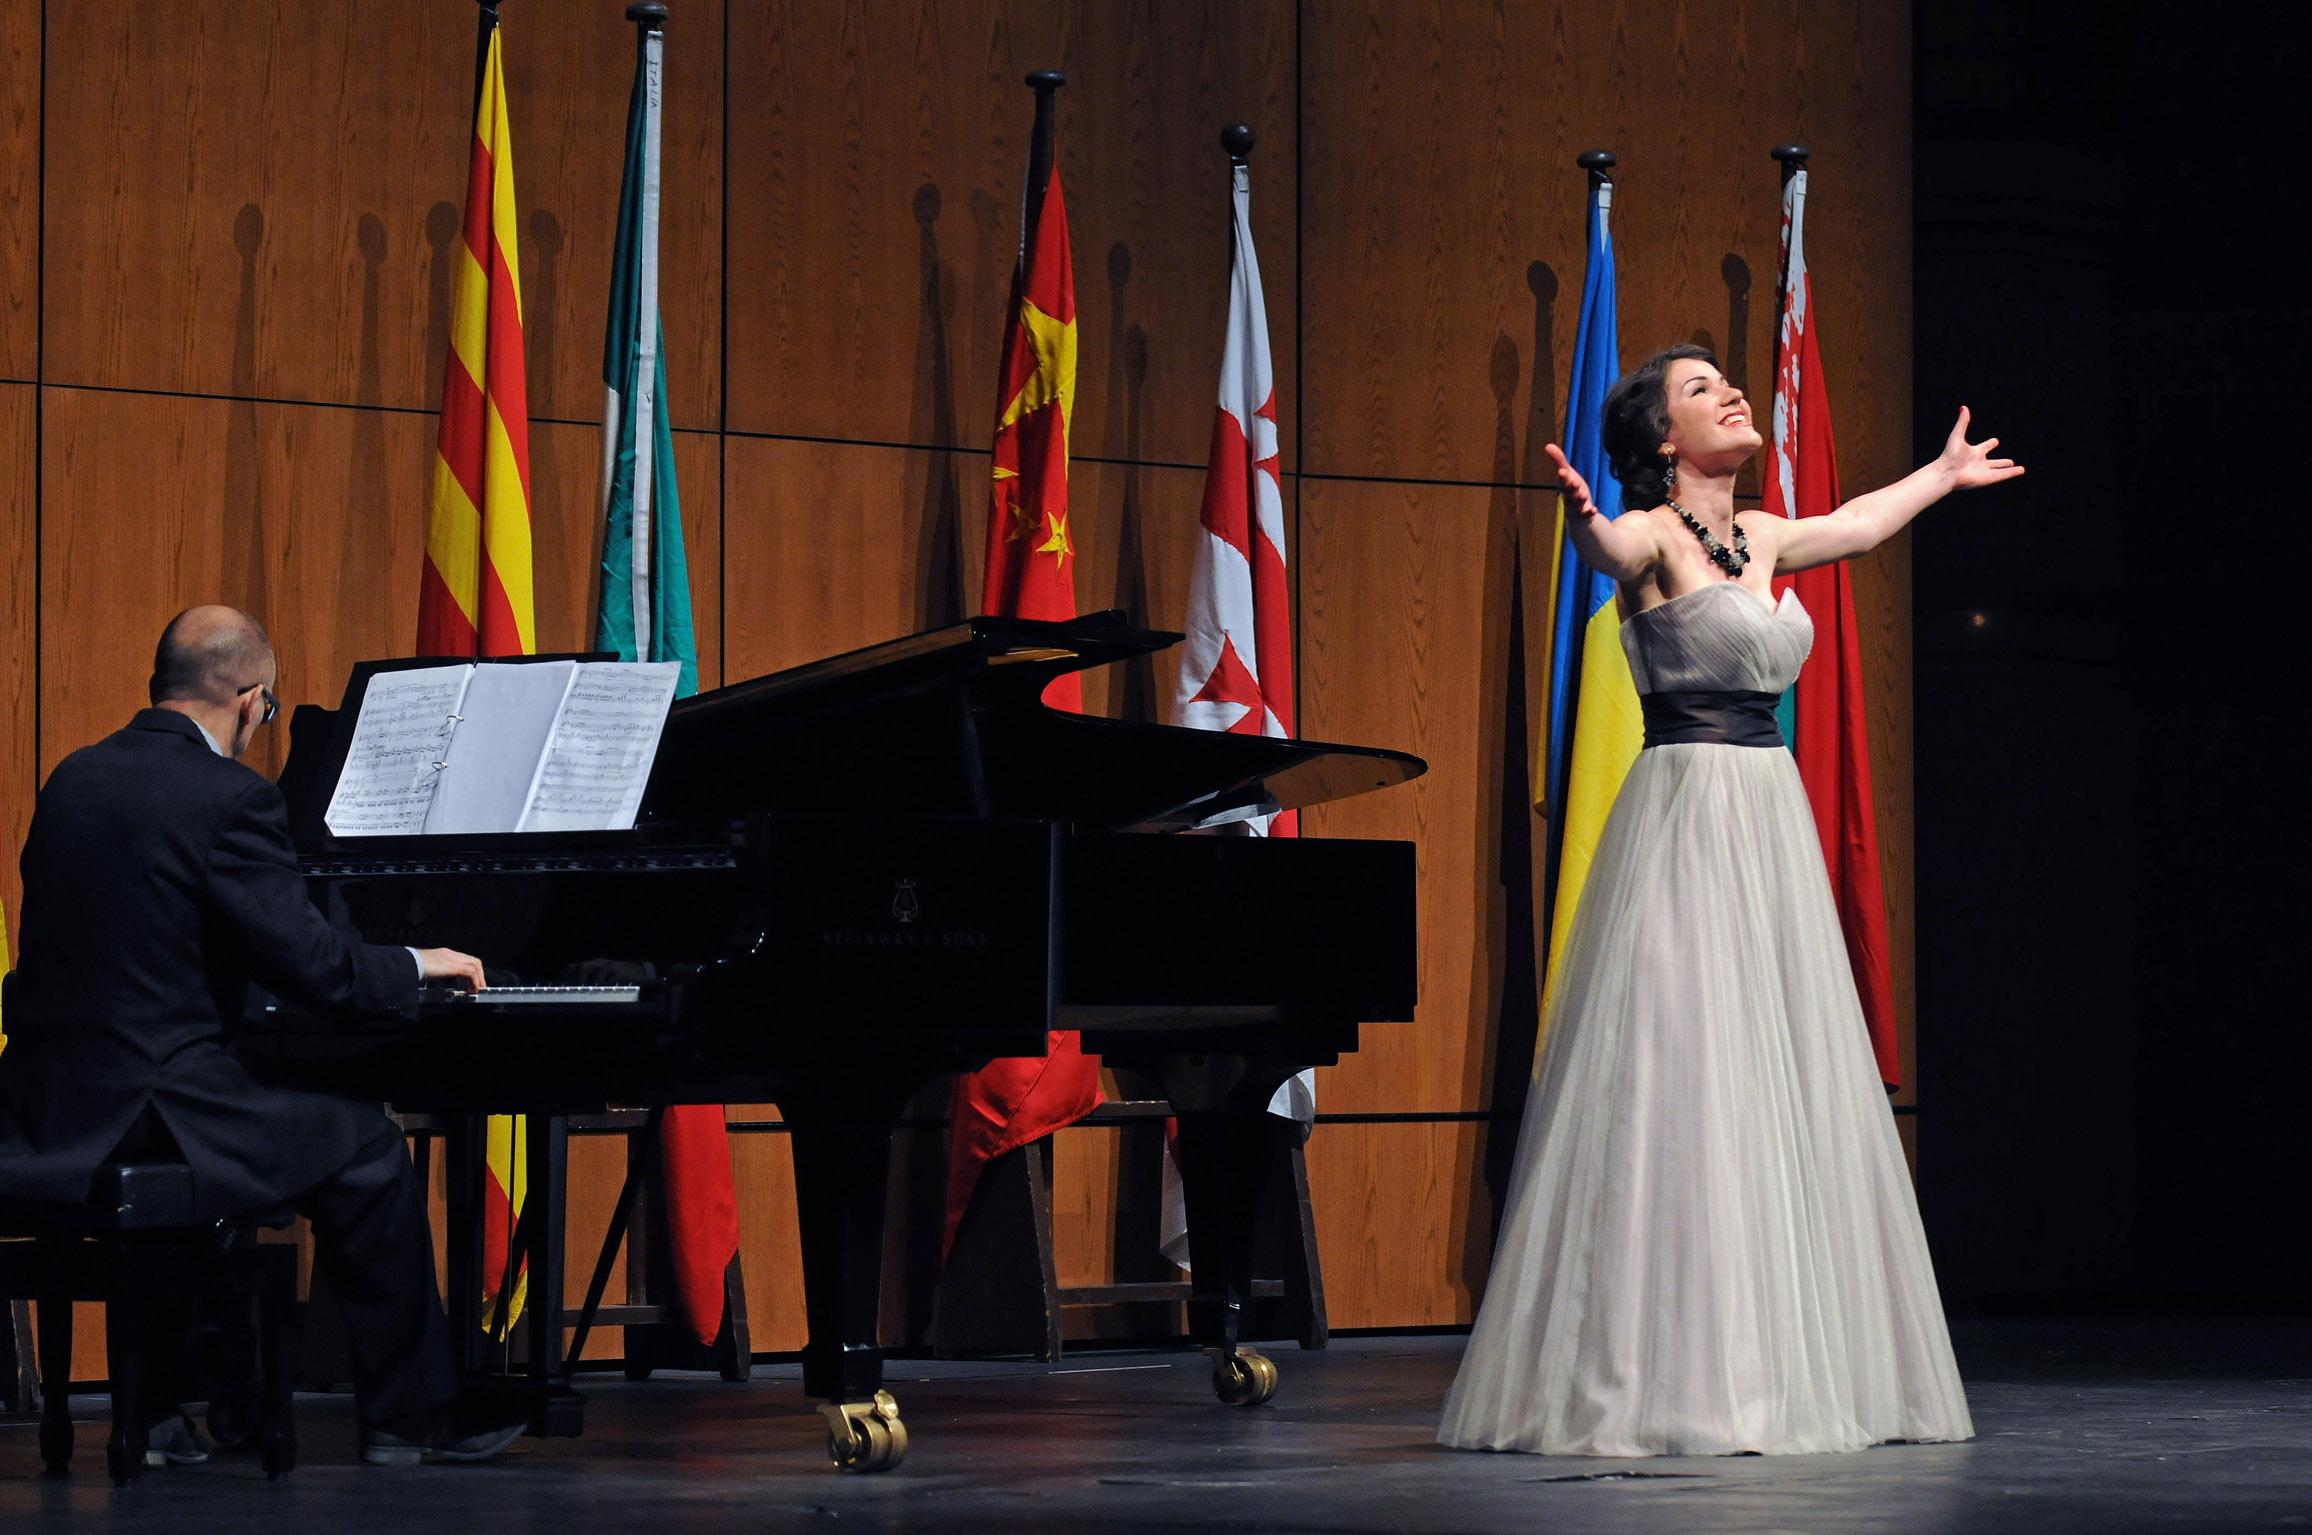 Premios oficiales del 52 Concurso internacional de canto